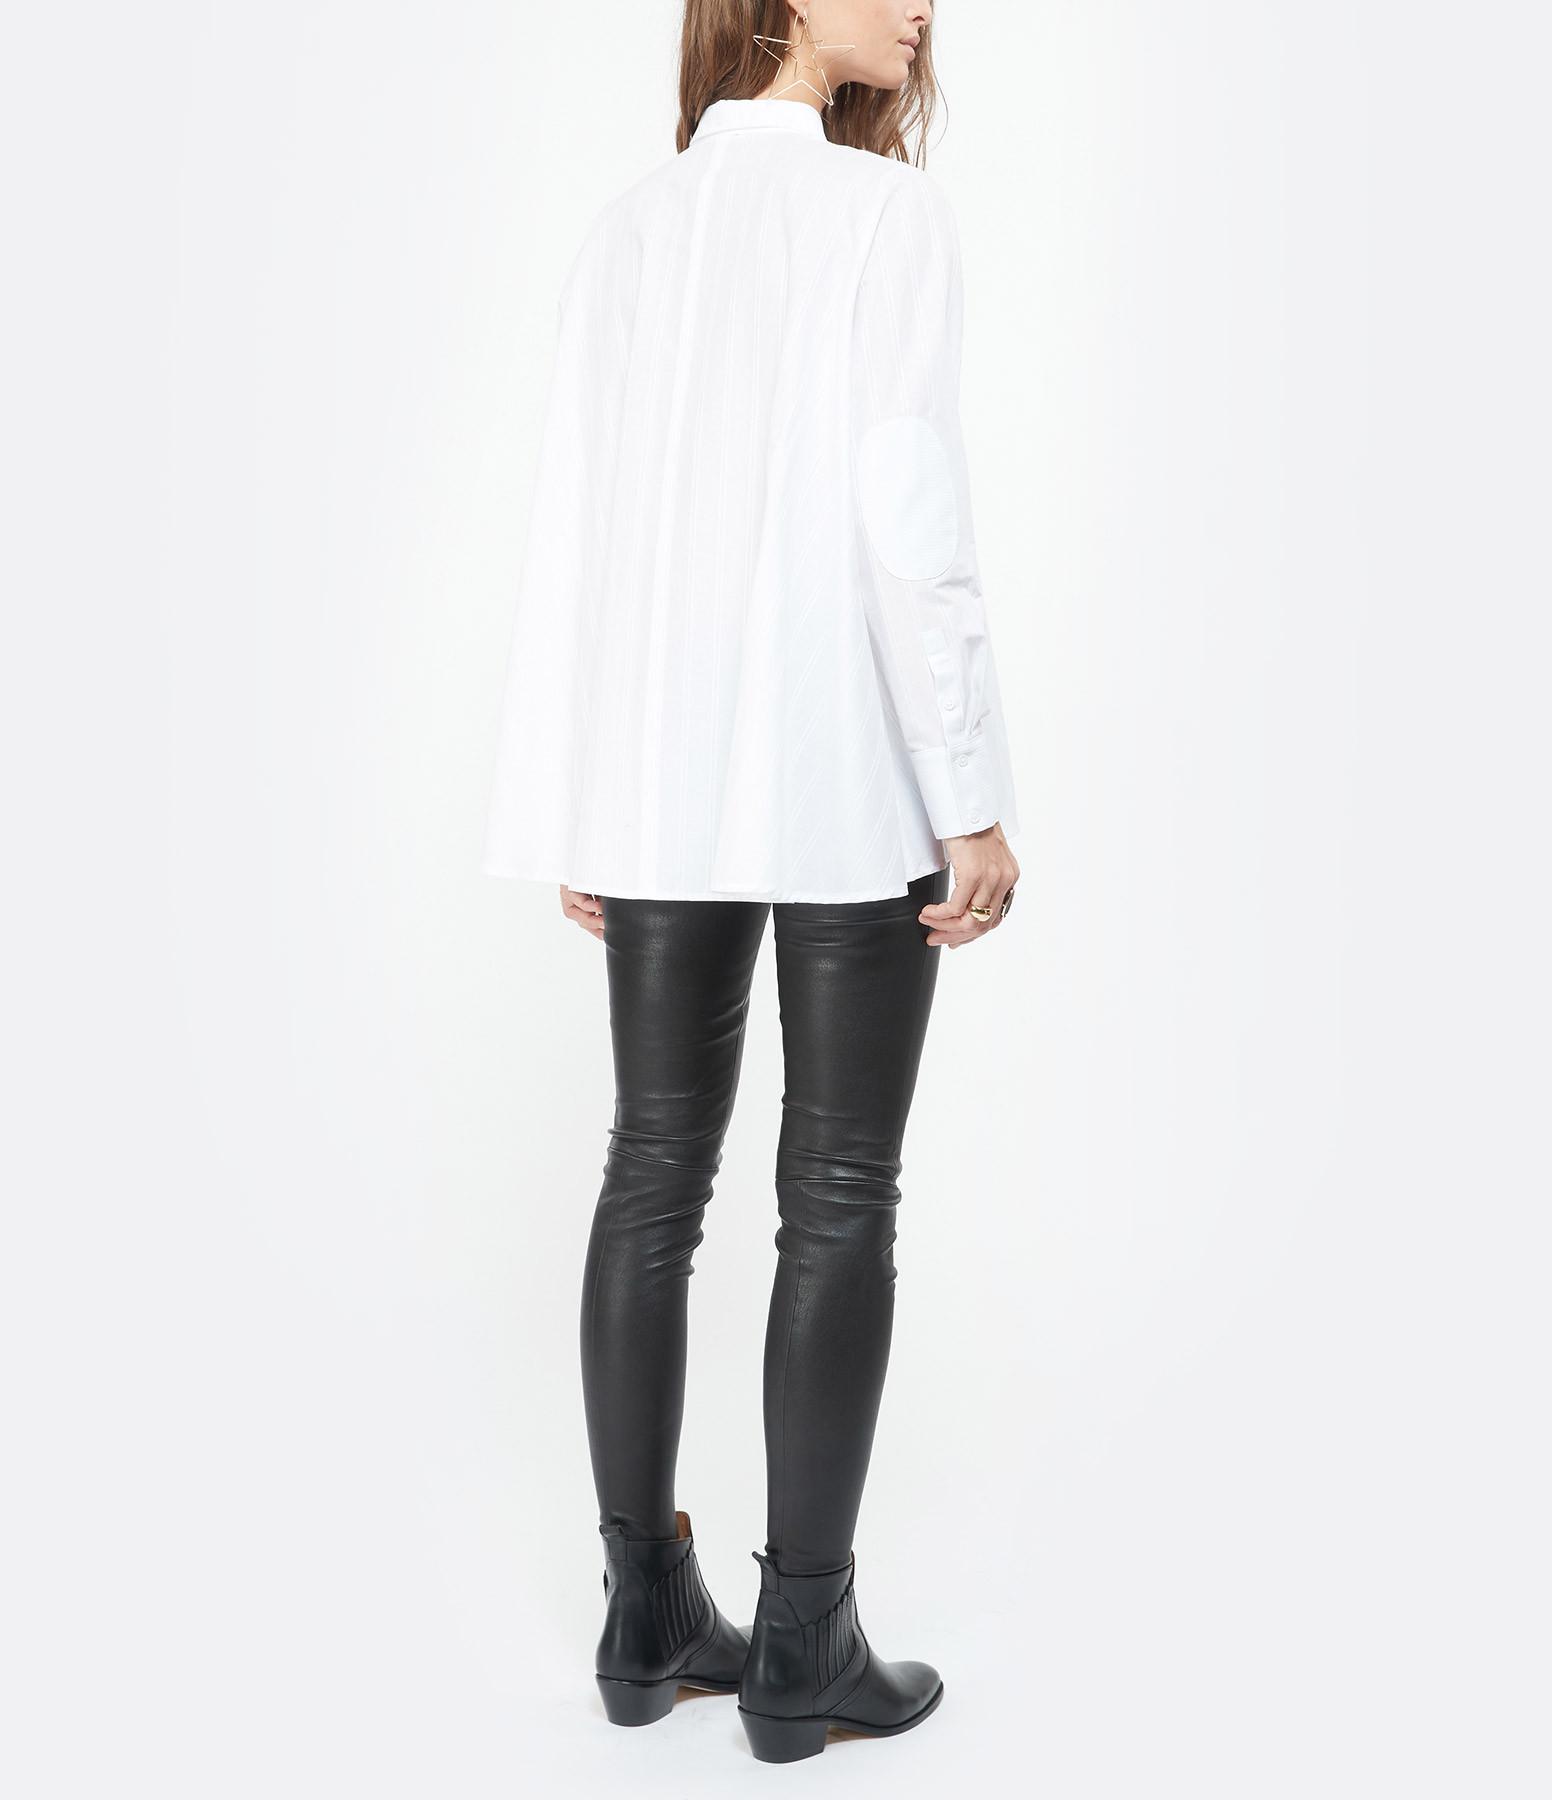 HANA SAN - Chemise Neta Blanc Optique